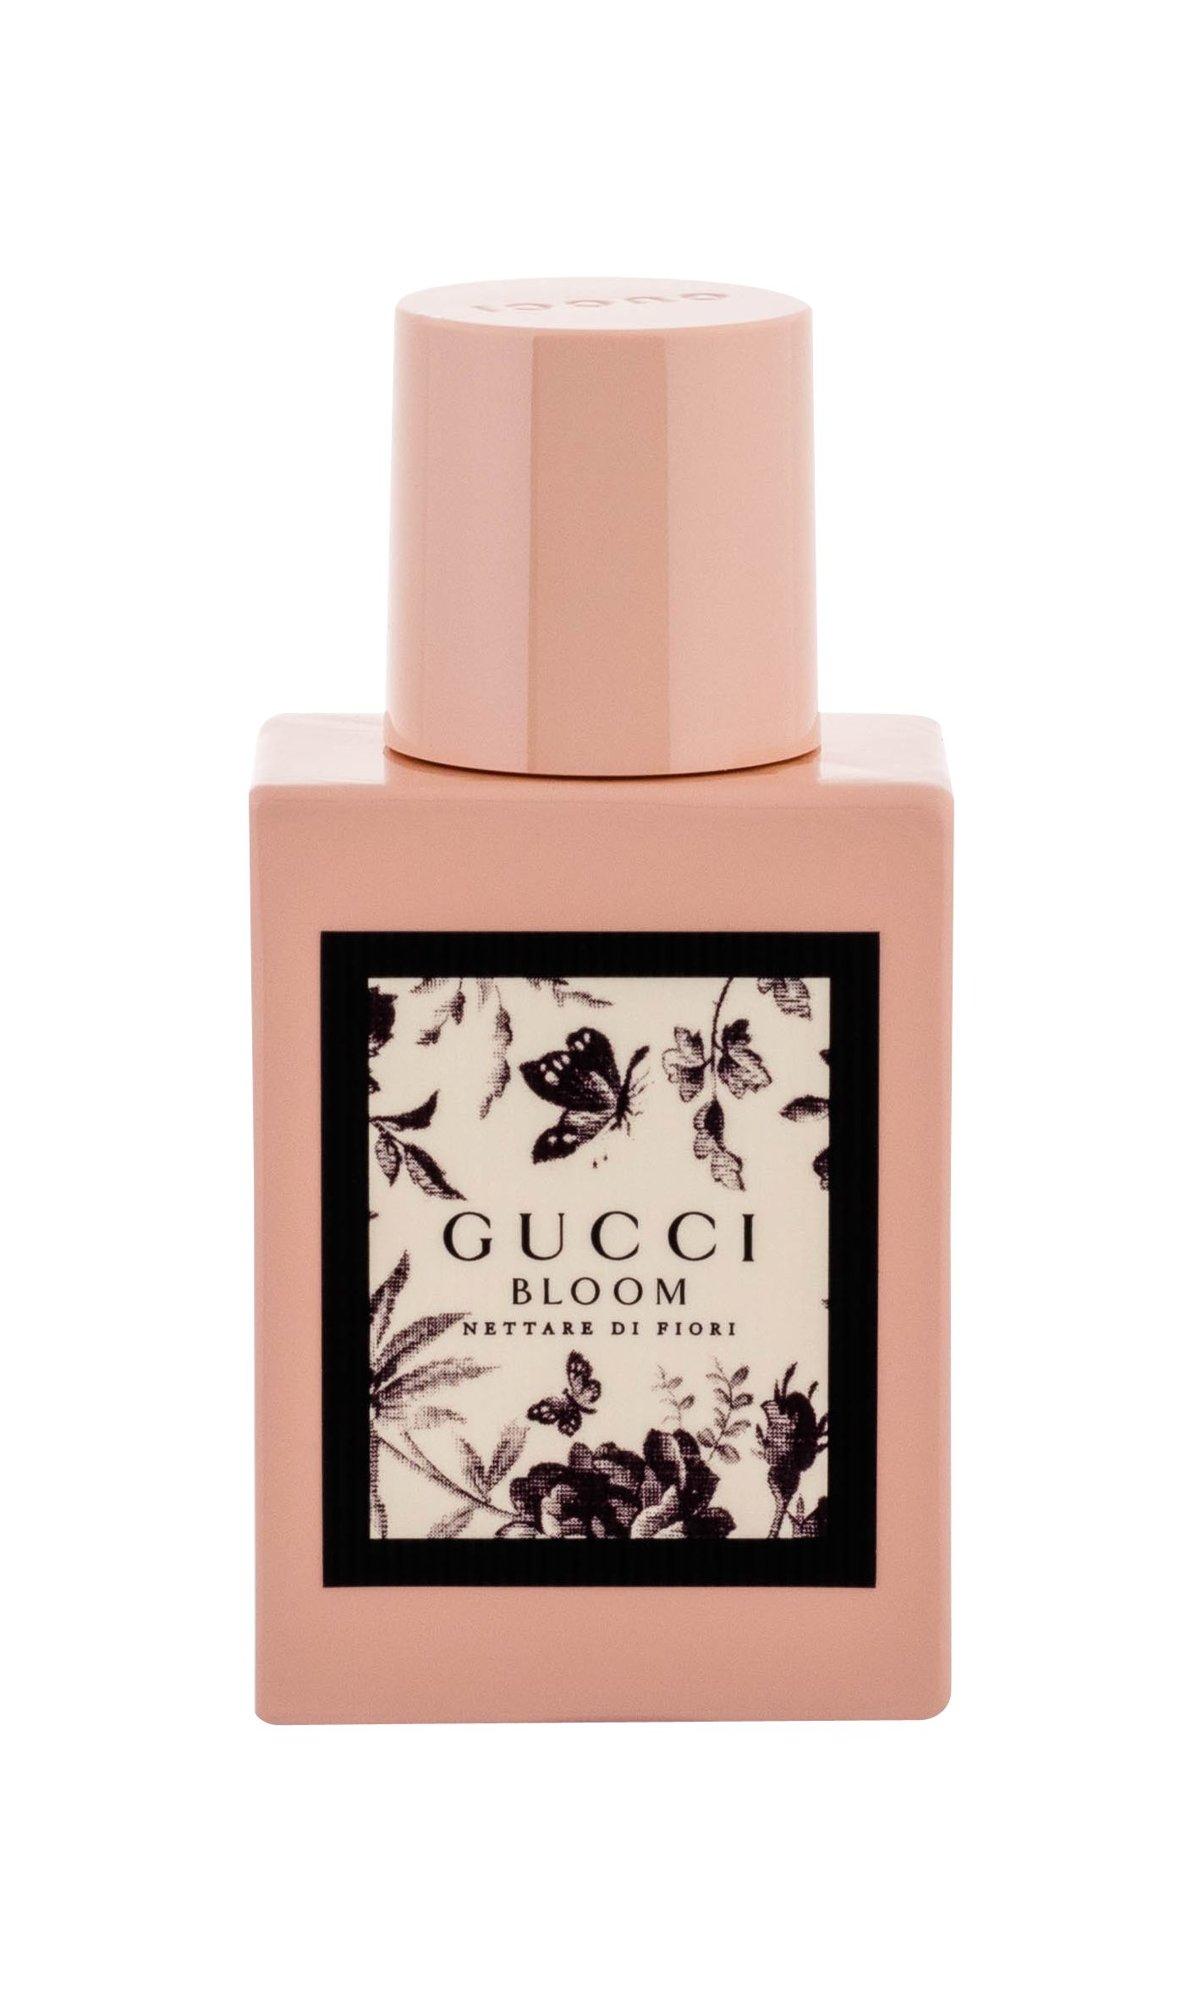 Gucci Bloom Eau de Parfum 30ml